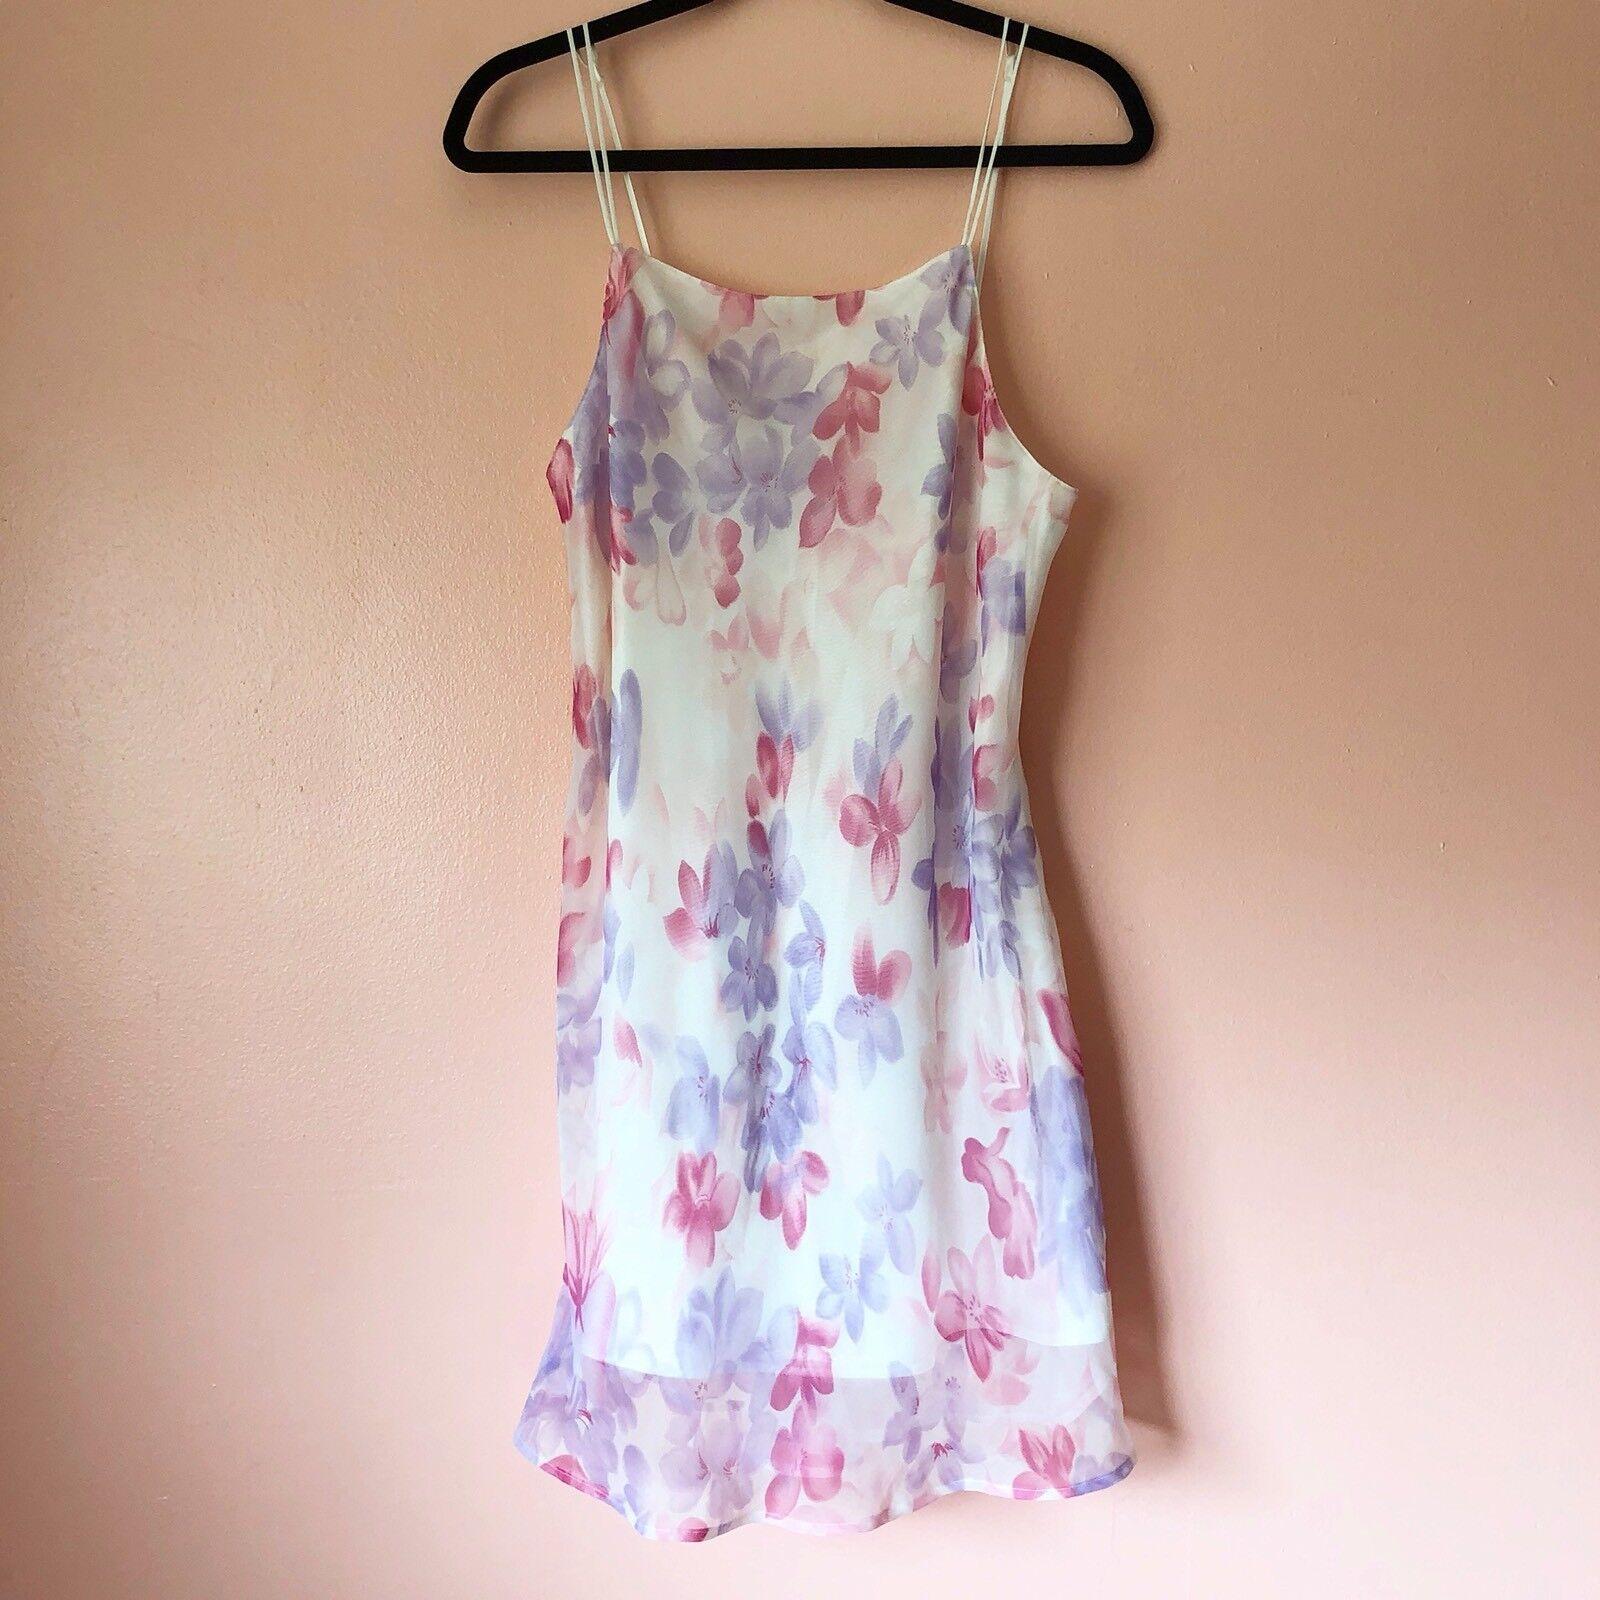 Vintage Floral Slip Dress - image 2